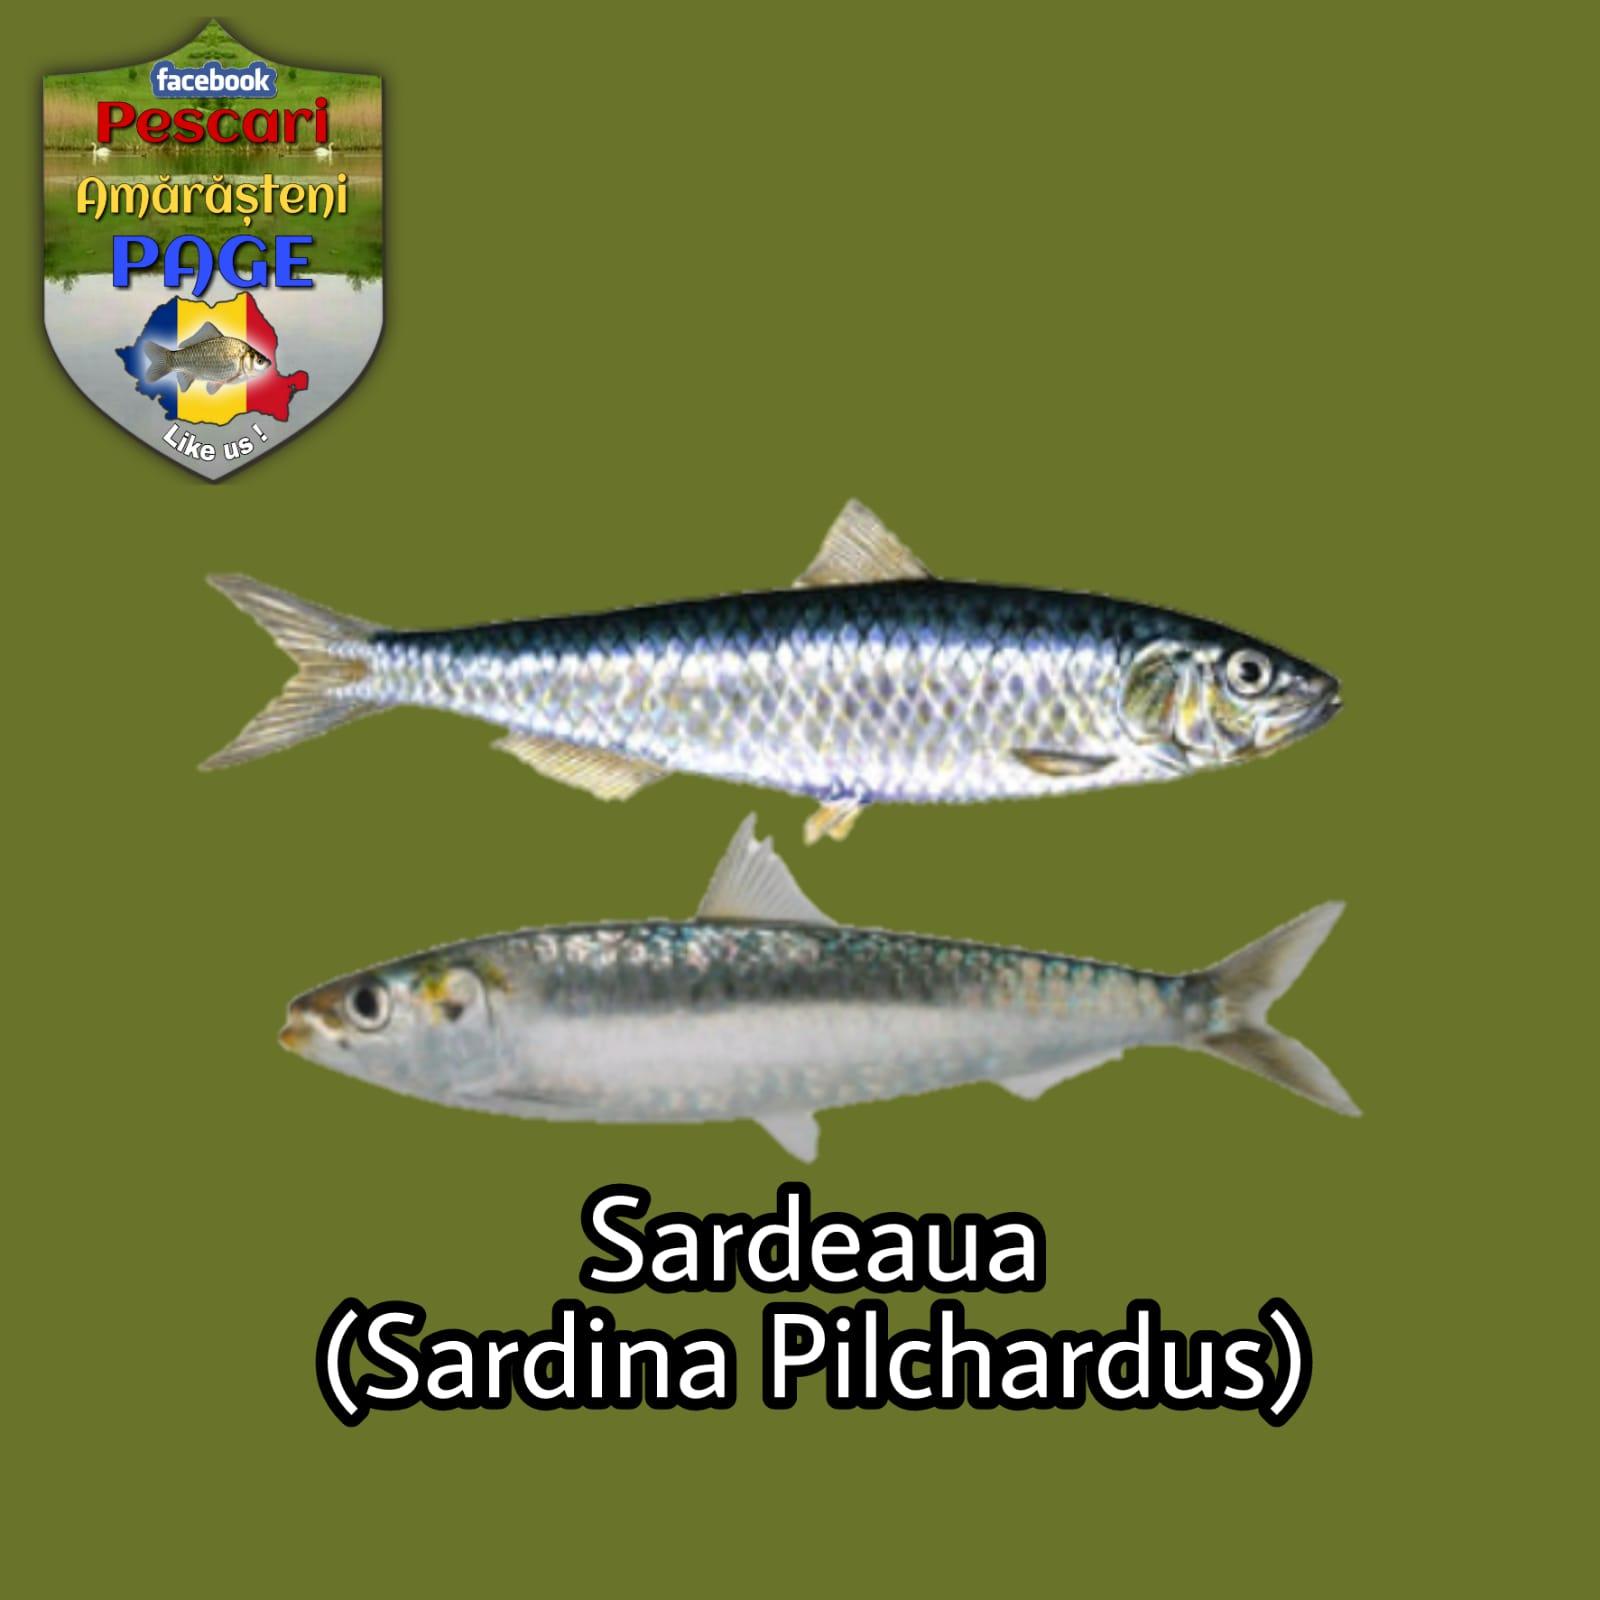 Sardeaua/sardina (Sardina pilchardus)